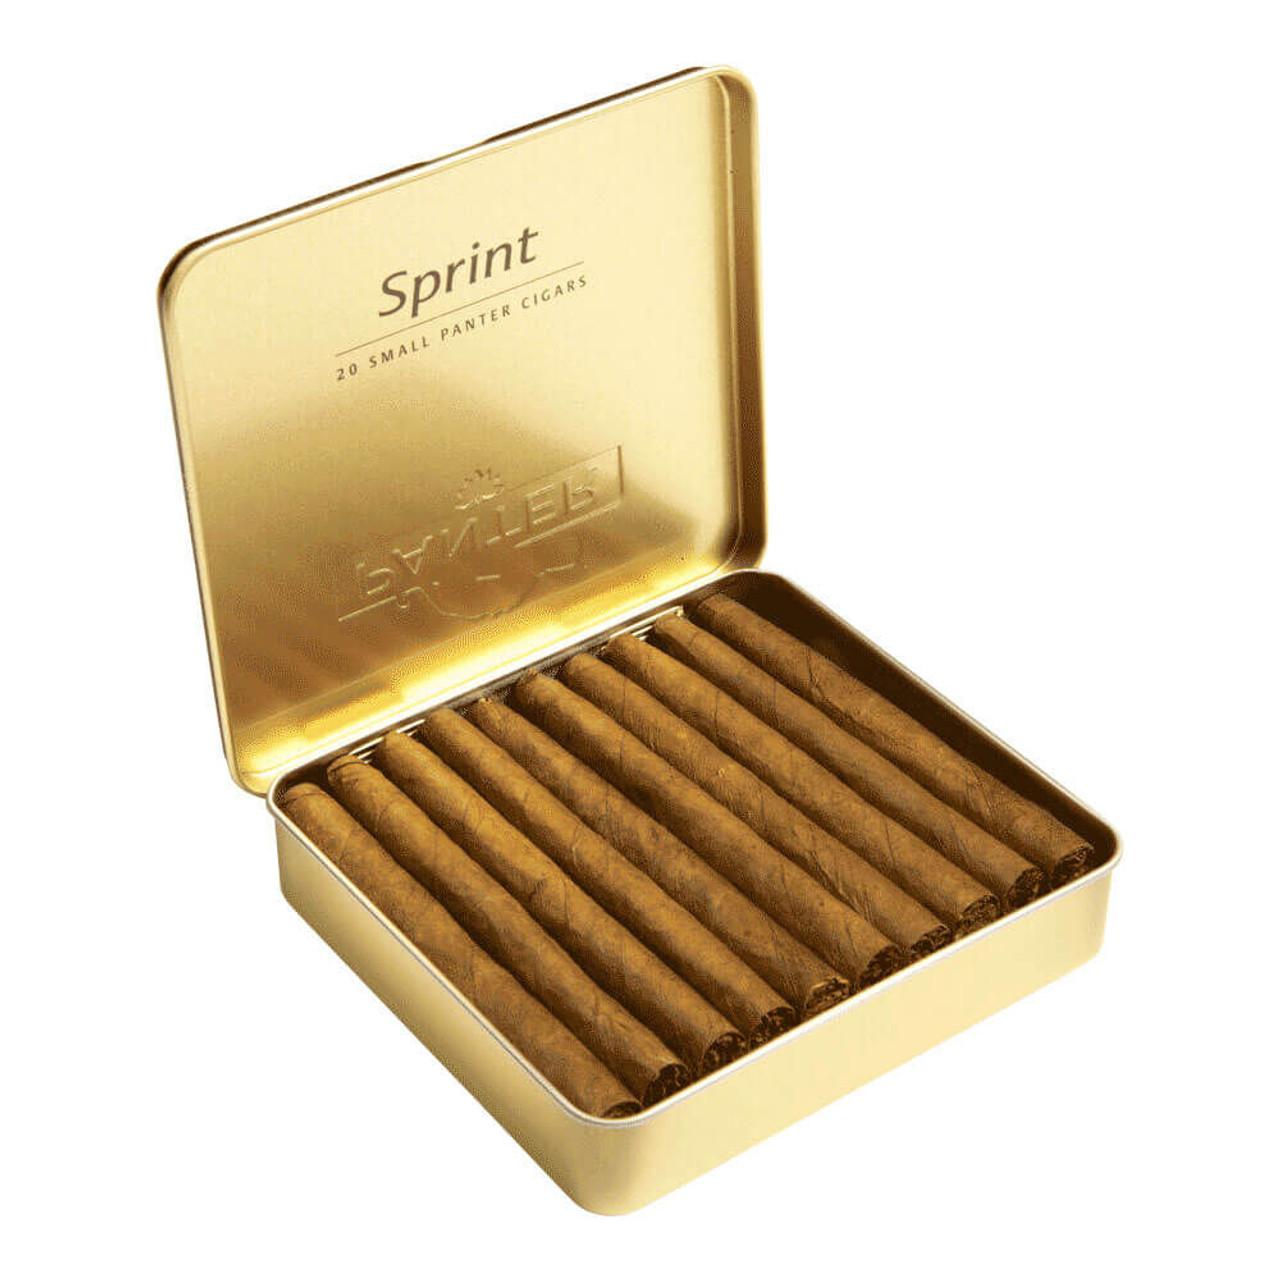 Panter Sprint Cigars - 3 x 21 (10 Tins of 20 (200 Total))